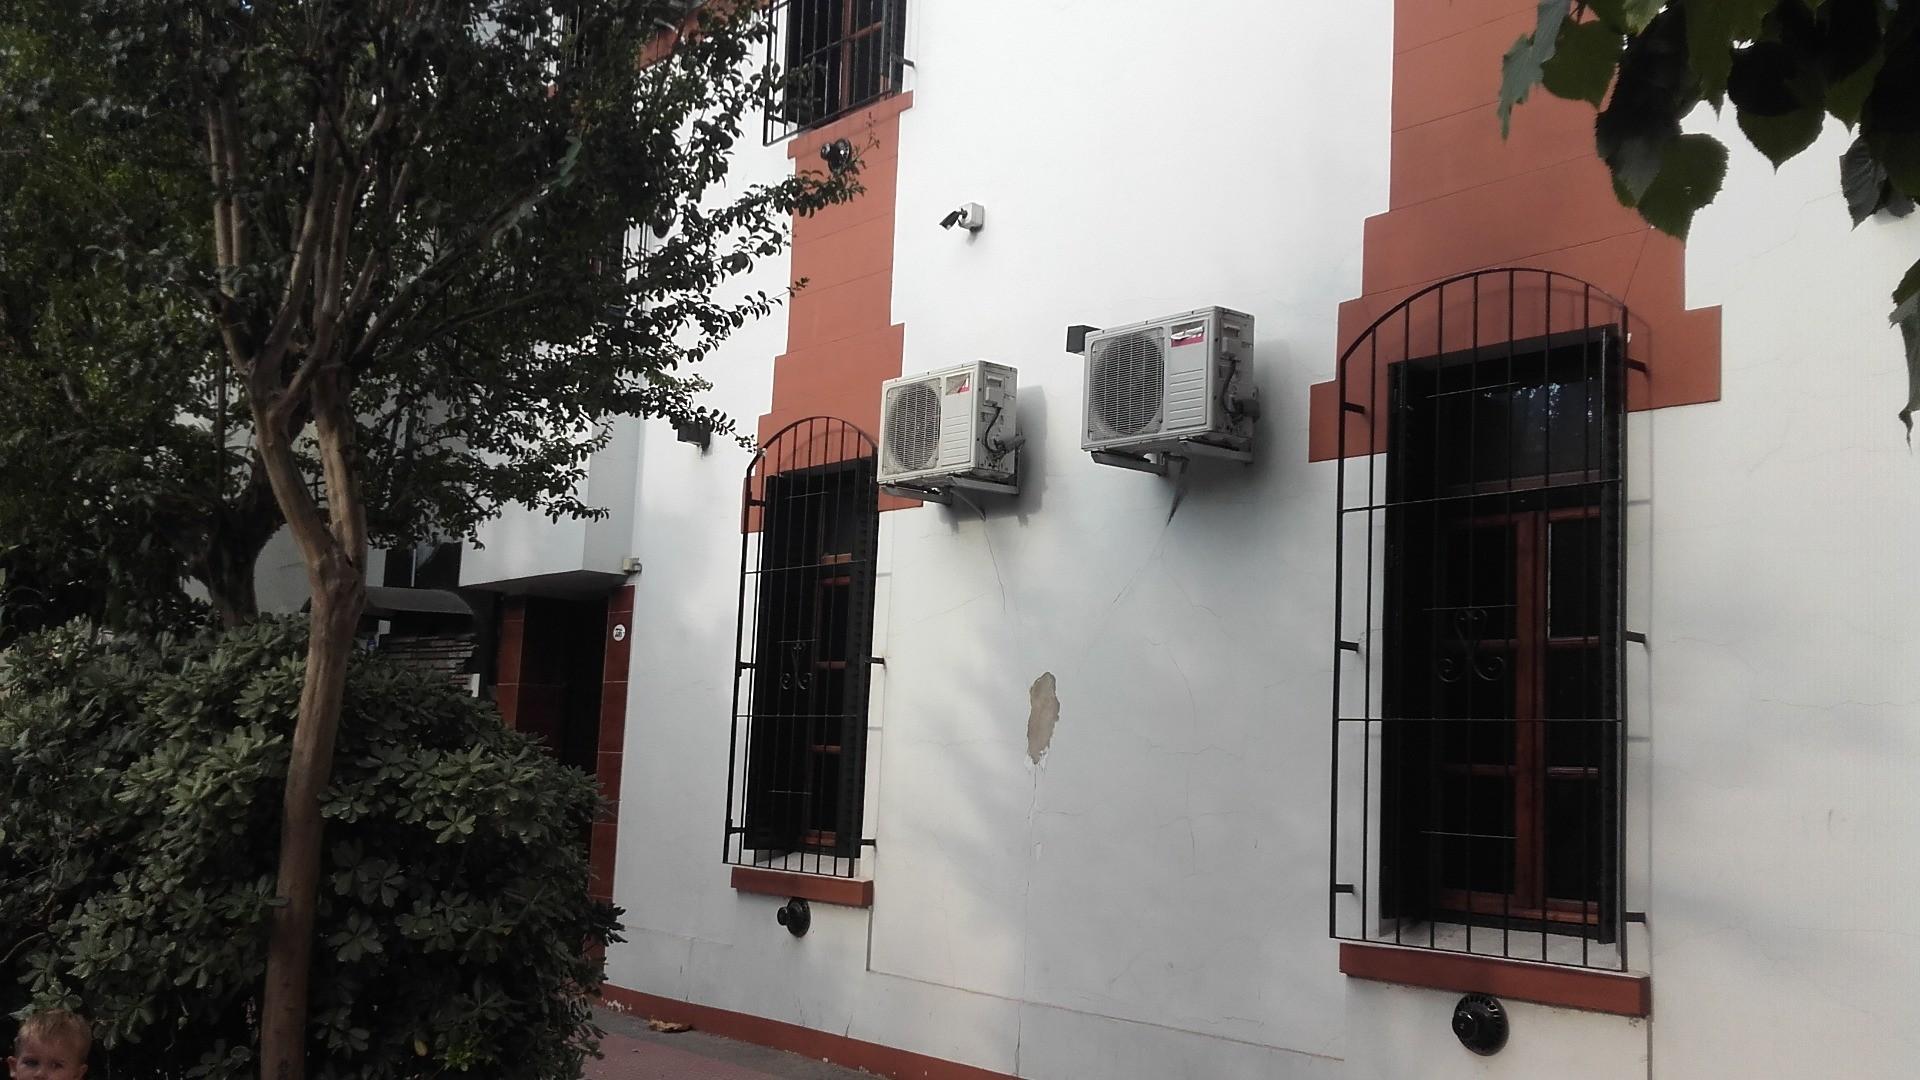 CASA EX MUNICIPAL COCHERA 3 BAÑOS 2 JARDINES DE INVIERNO 5 AMBIENTES